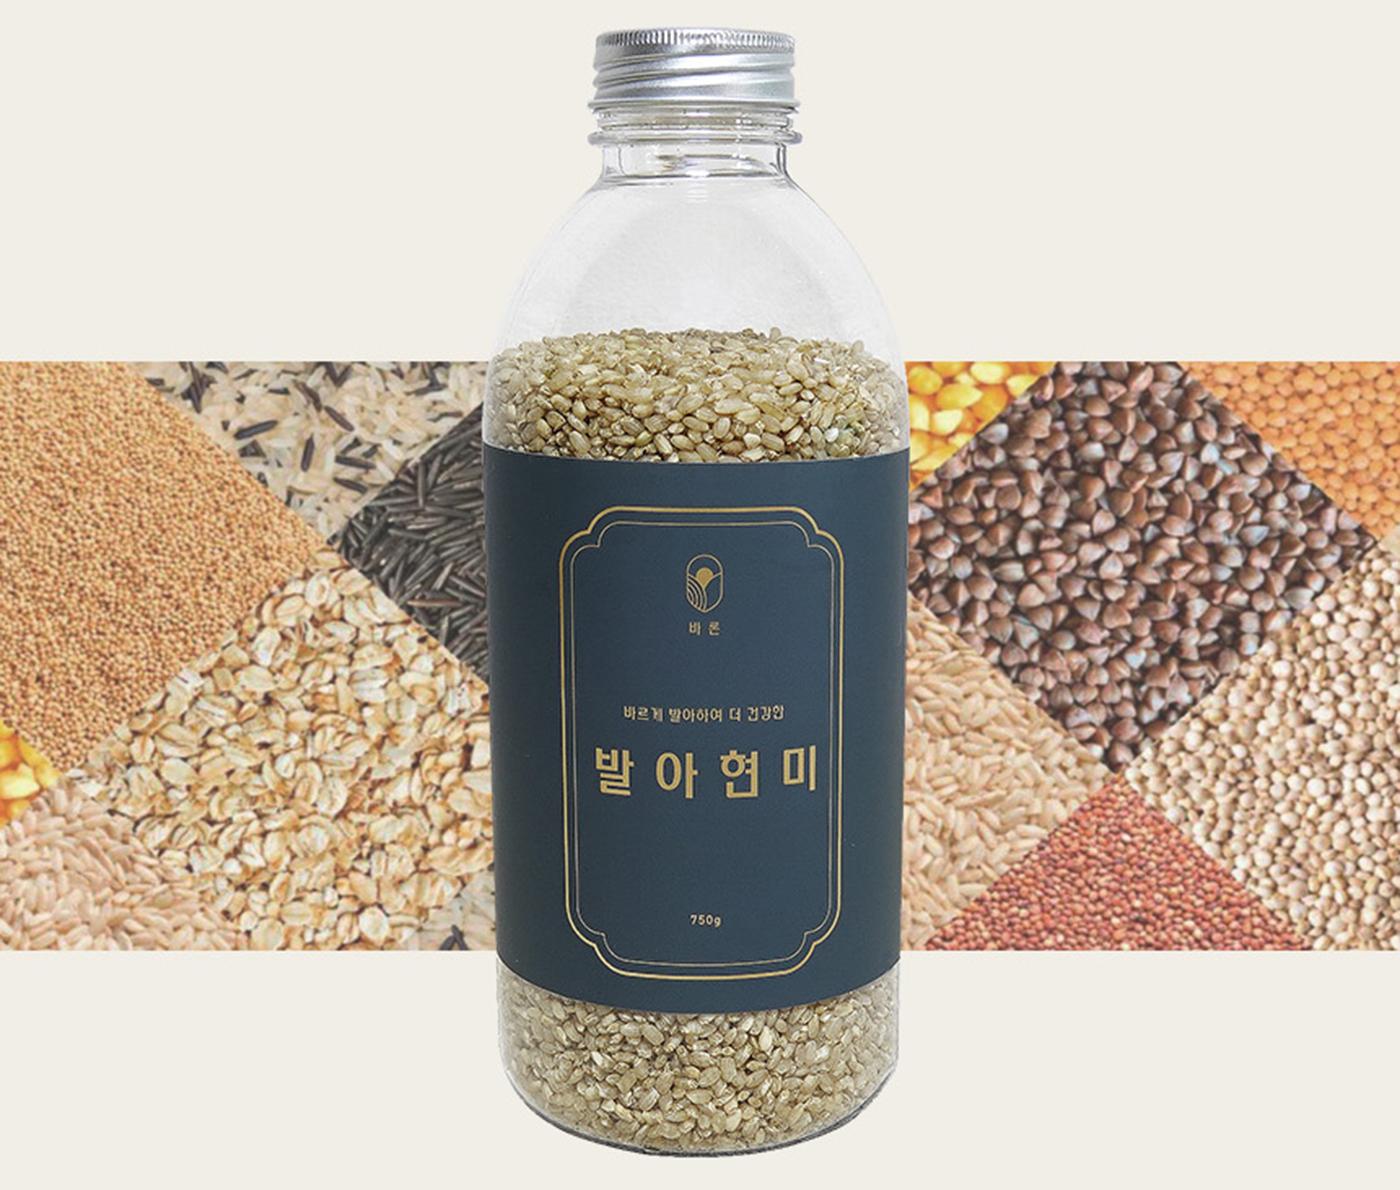 발아현미 곡물(750g) 상세이미지5